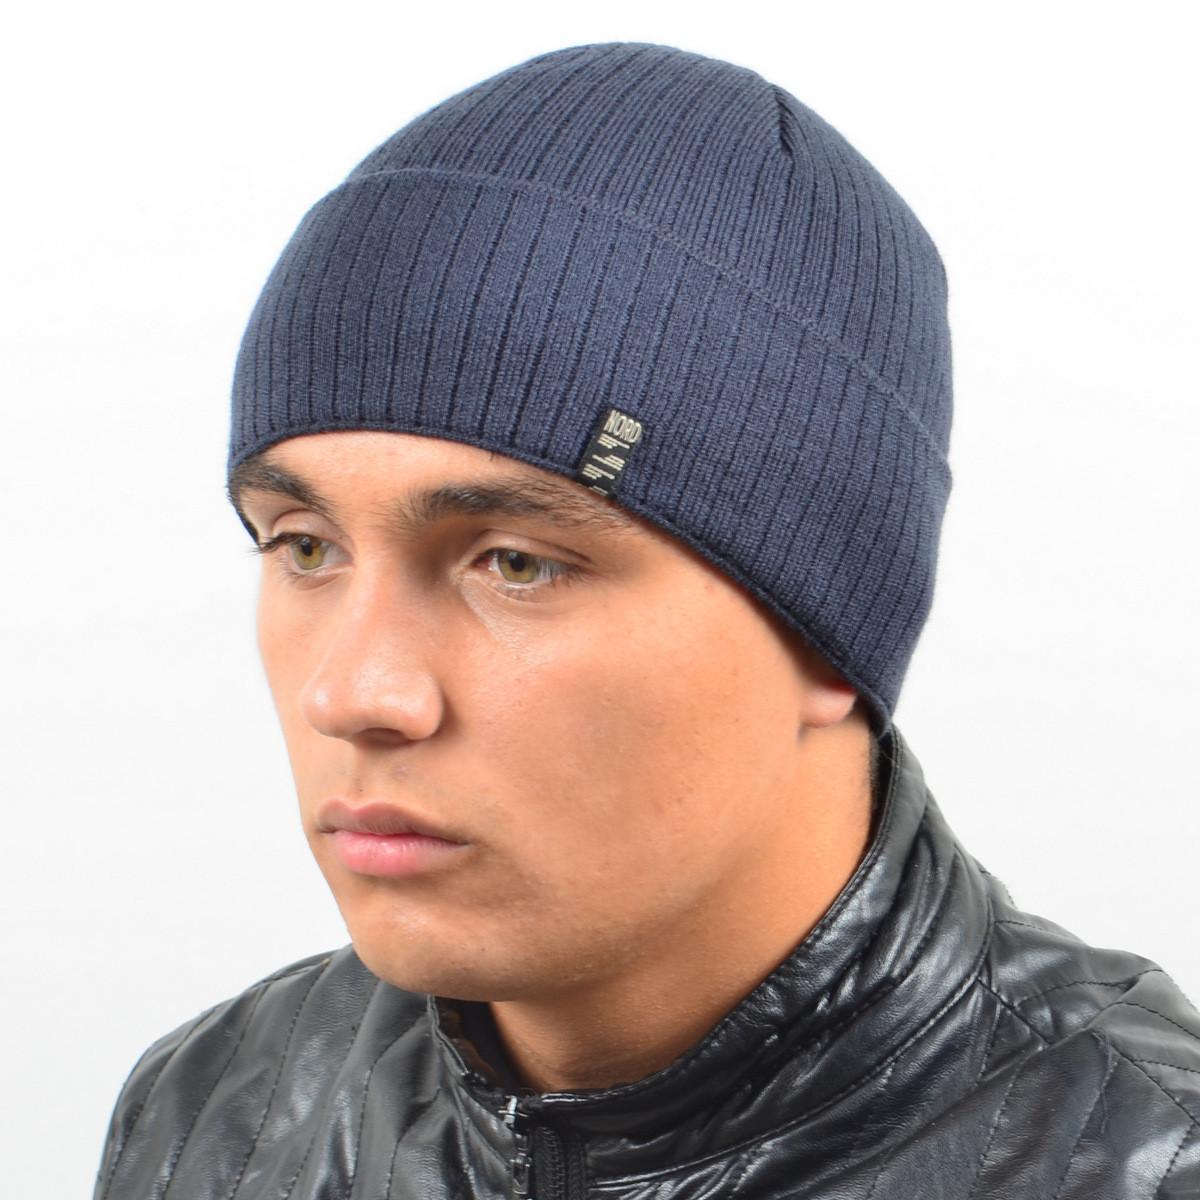 Мужская вязанная шапка NORD с отворотом антрацит